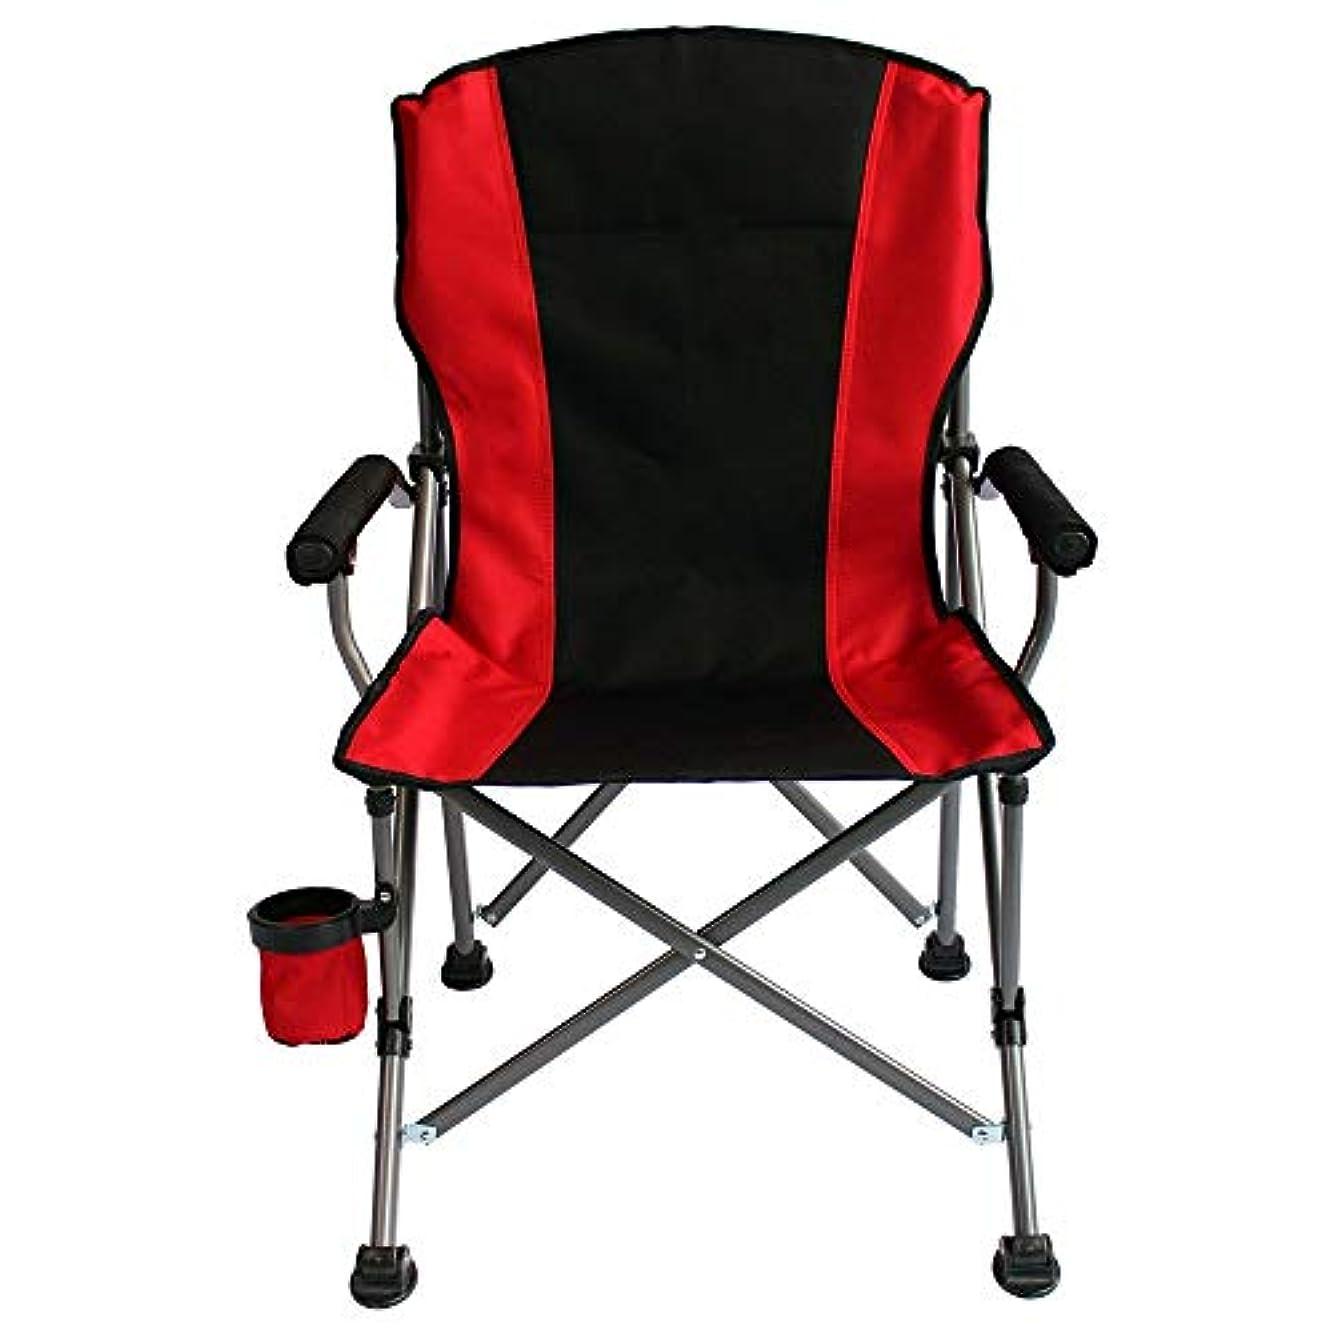 虫に対して絶対にキャンプチェア ピクニックハイキング釣りや野外活動のためのオックスフォード布キャンプ用椅子折りたたみ椅子 ビーチトラベルピクニックフェスティバル (色 : Red, Size : 60x60x96cm)